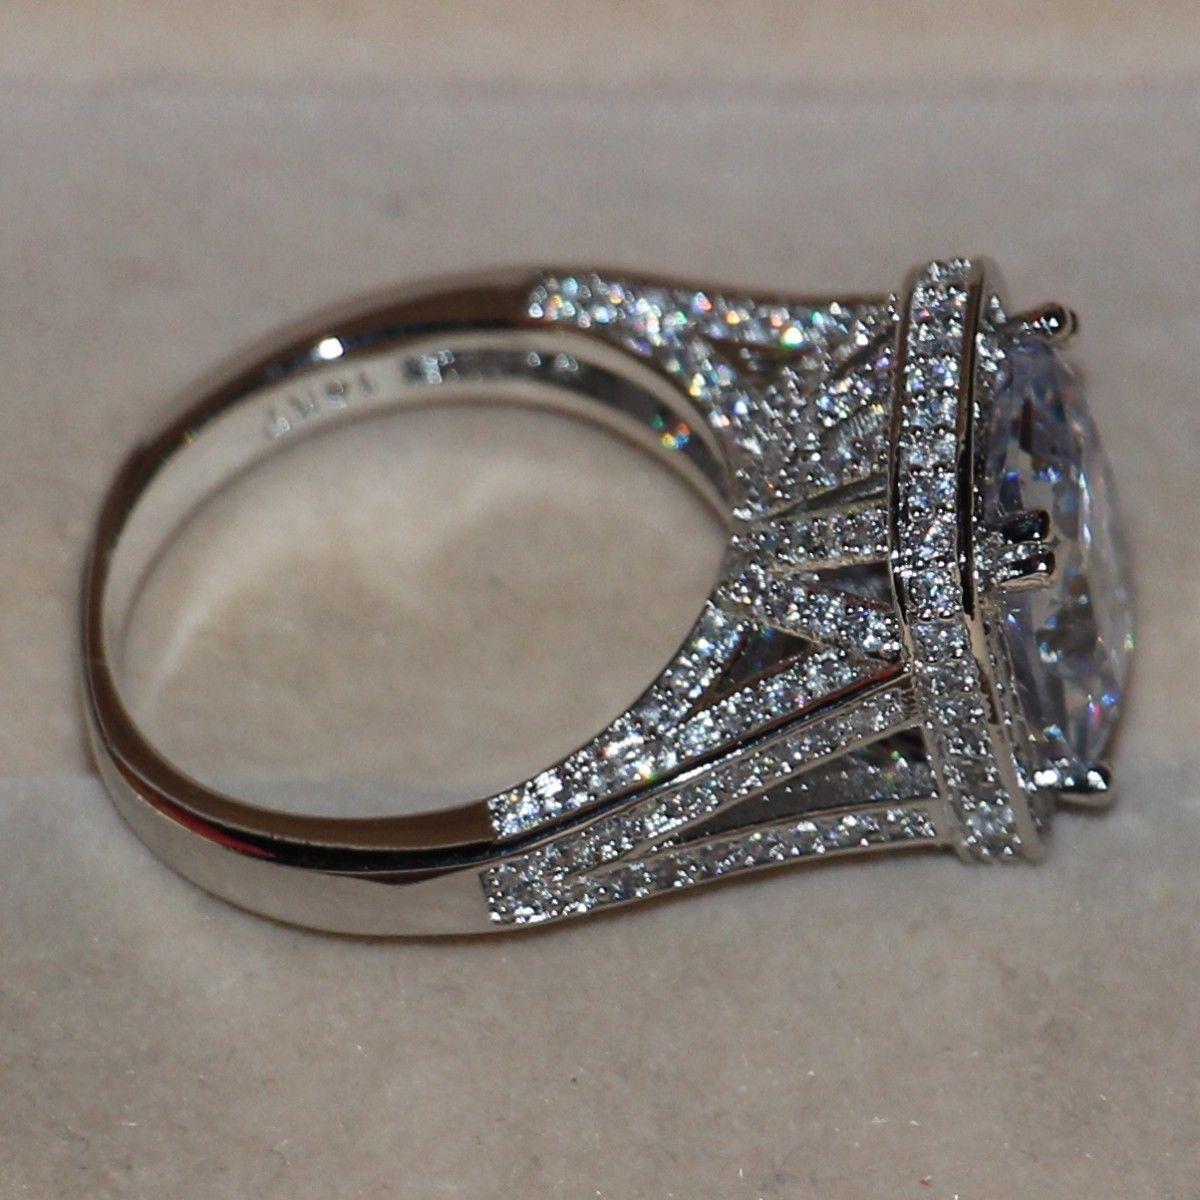 크기 5-11 럭셔리 쥬얼리 8CT 빅 스톤 화이트 사파이어 14kt 화이트 골드 채워진 GF 시뮬레이션 된 다이아몬드 웨딩 약혼 반지 링 애호가 선물